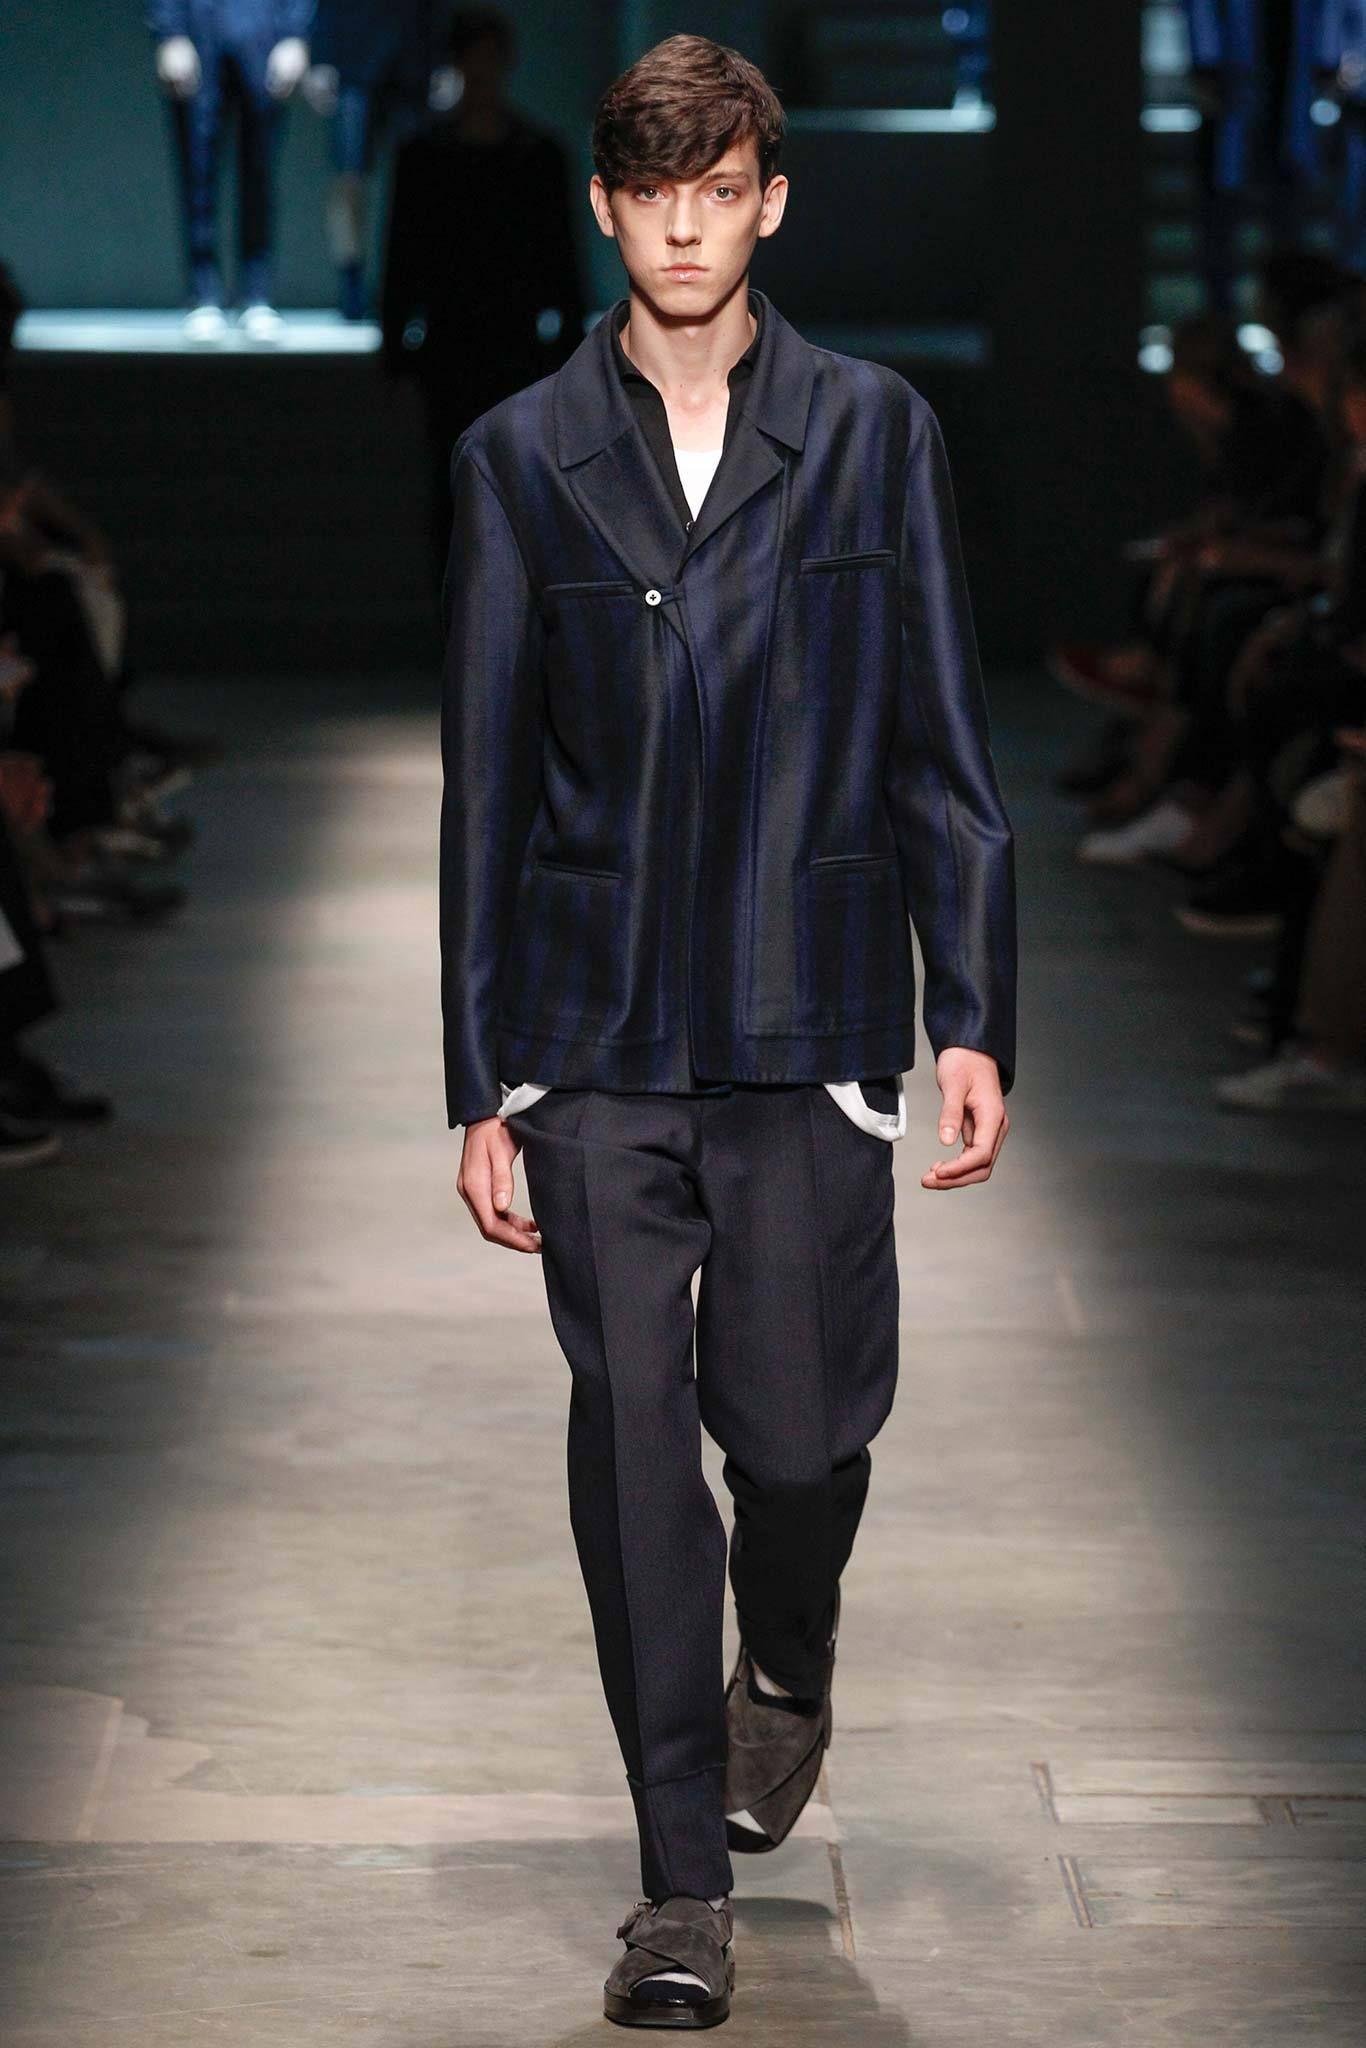 Ermenegildo Zegna - Spring 2015 Menswear - Look 2 of 42